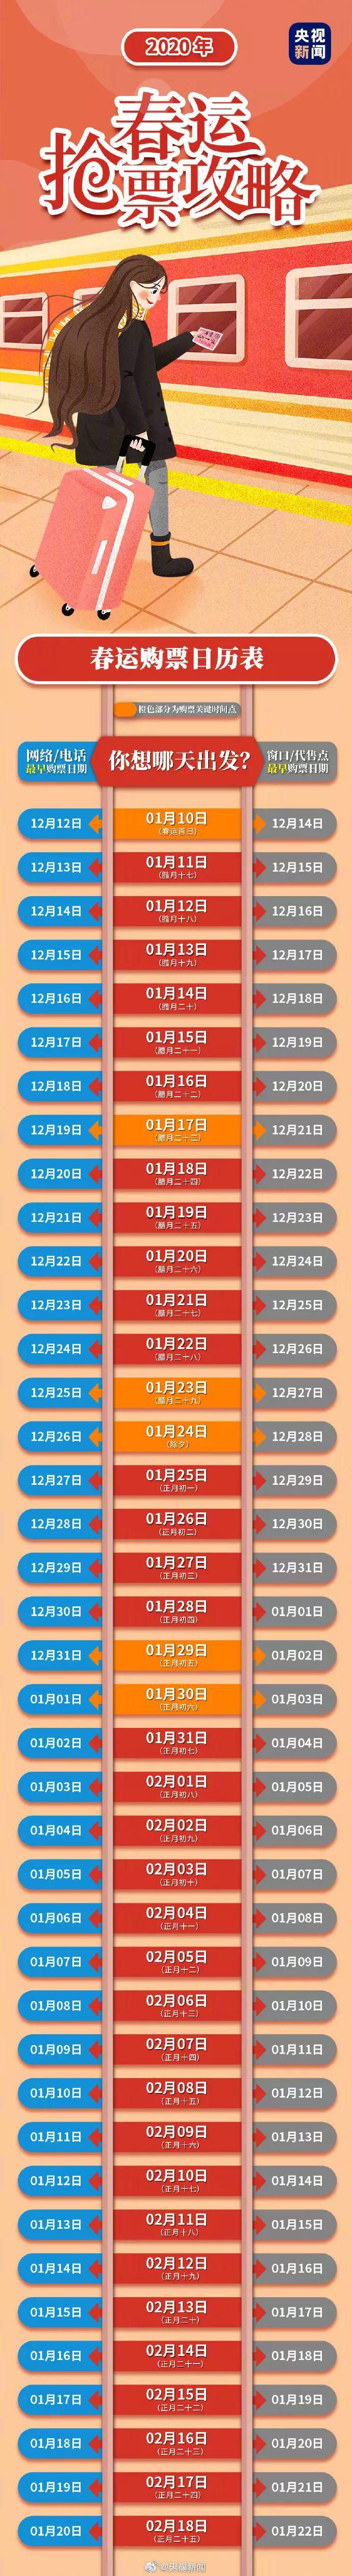 【下手要快】回老家的看这里!今年最全春运购票日历出炉